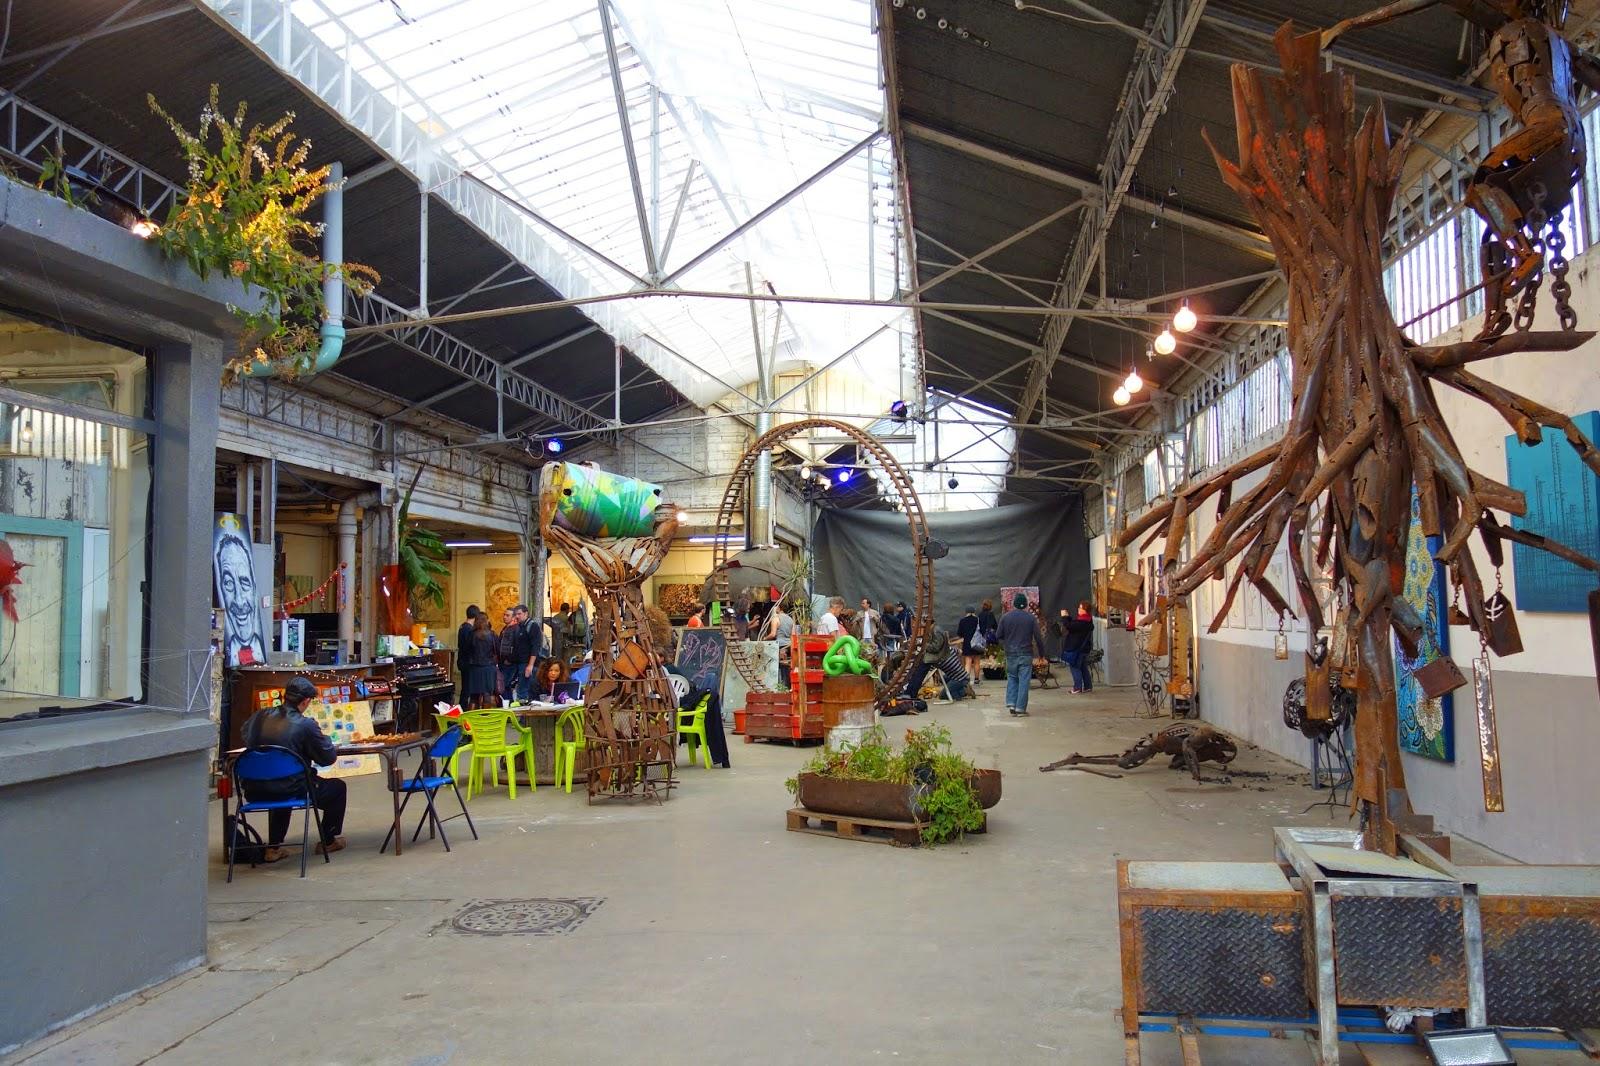 association-le-chene-residence-artistique-villejuif-avenue-de-paris-1